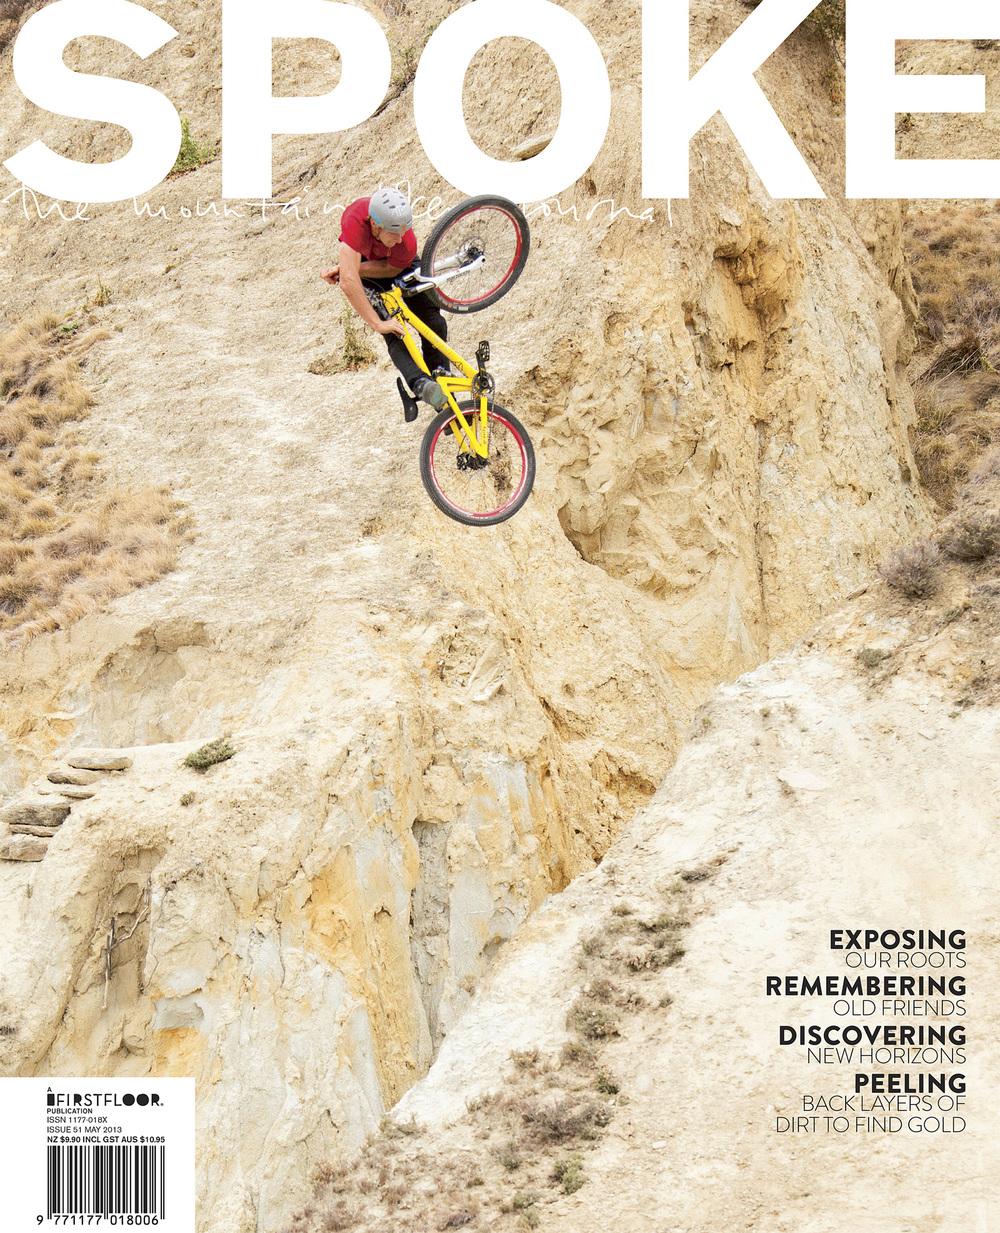 Spoke 51 cover